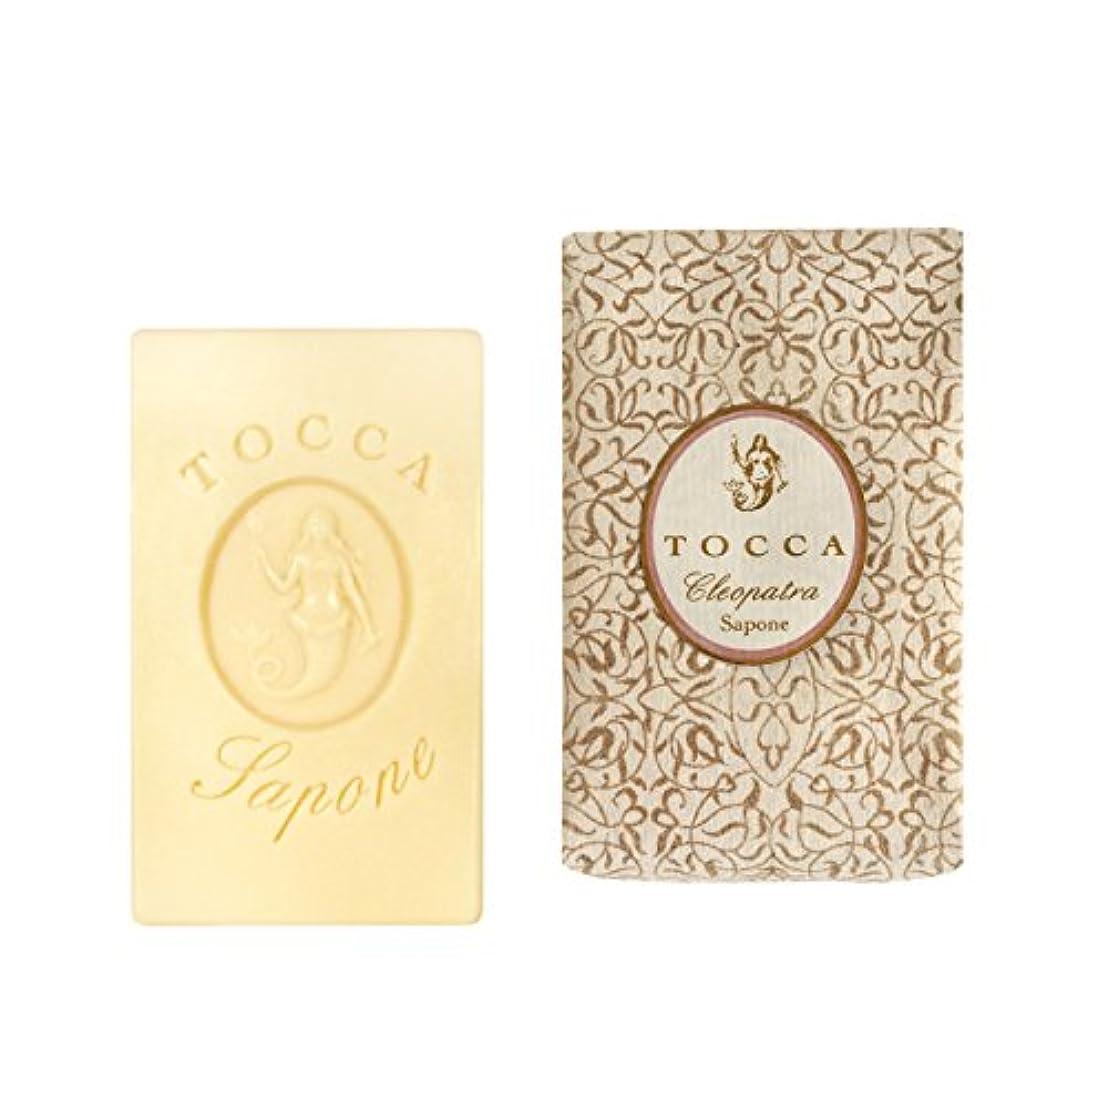 トッカ(TOCCA) ソープバー クレオパトラの香り 113g(石けん 化粧石けん グレープフルーツとキューカンバーのフレッシュでクリーンな香り)